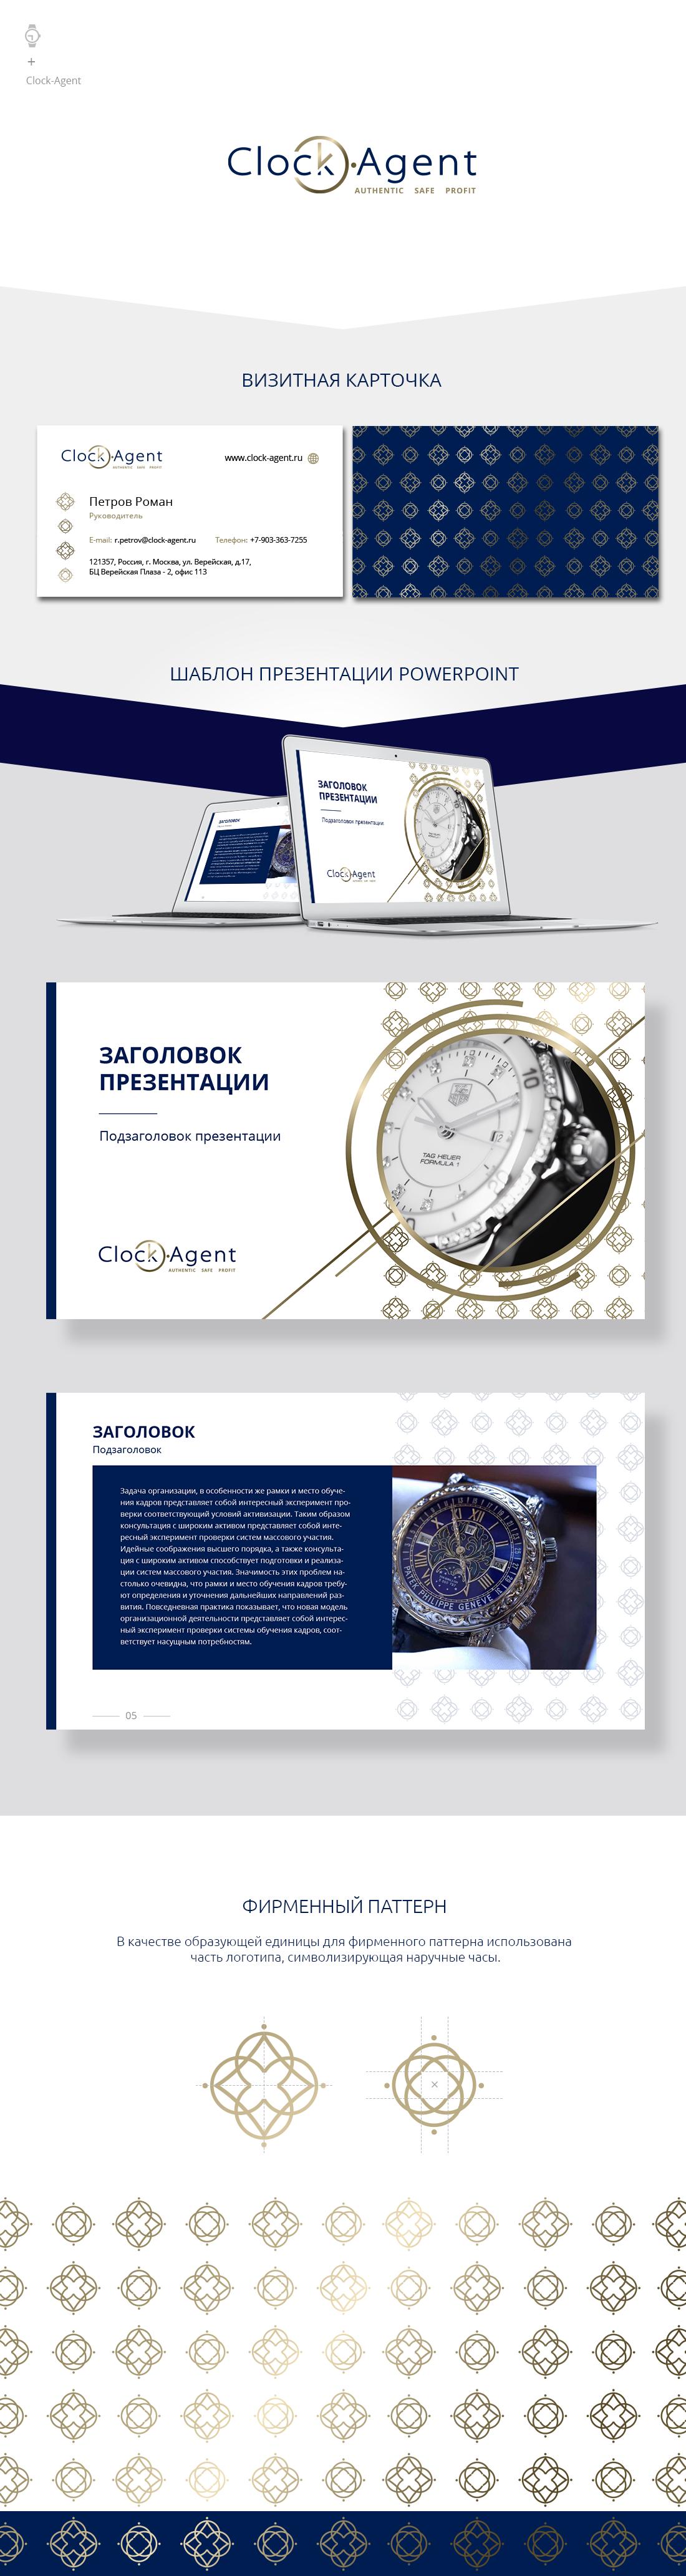 Clock-agent